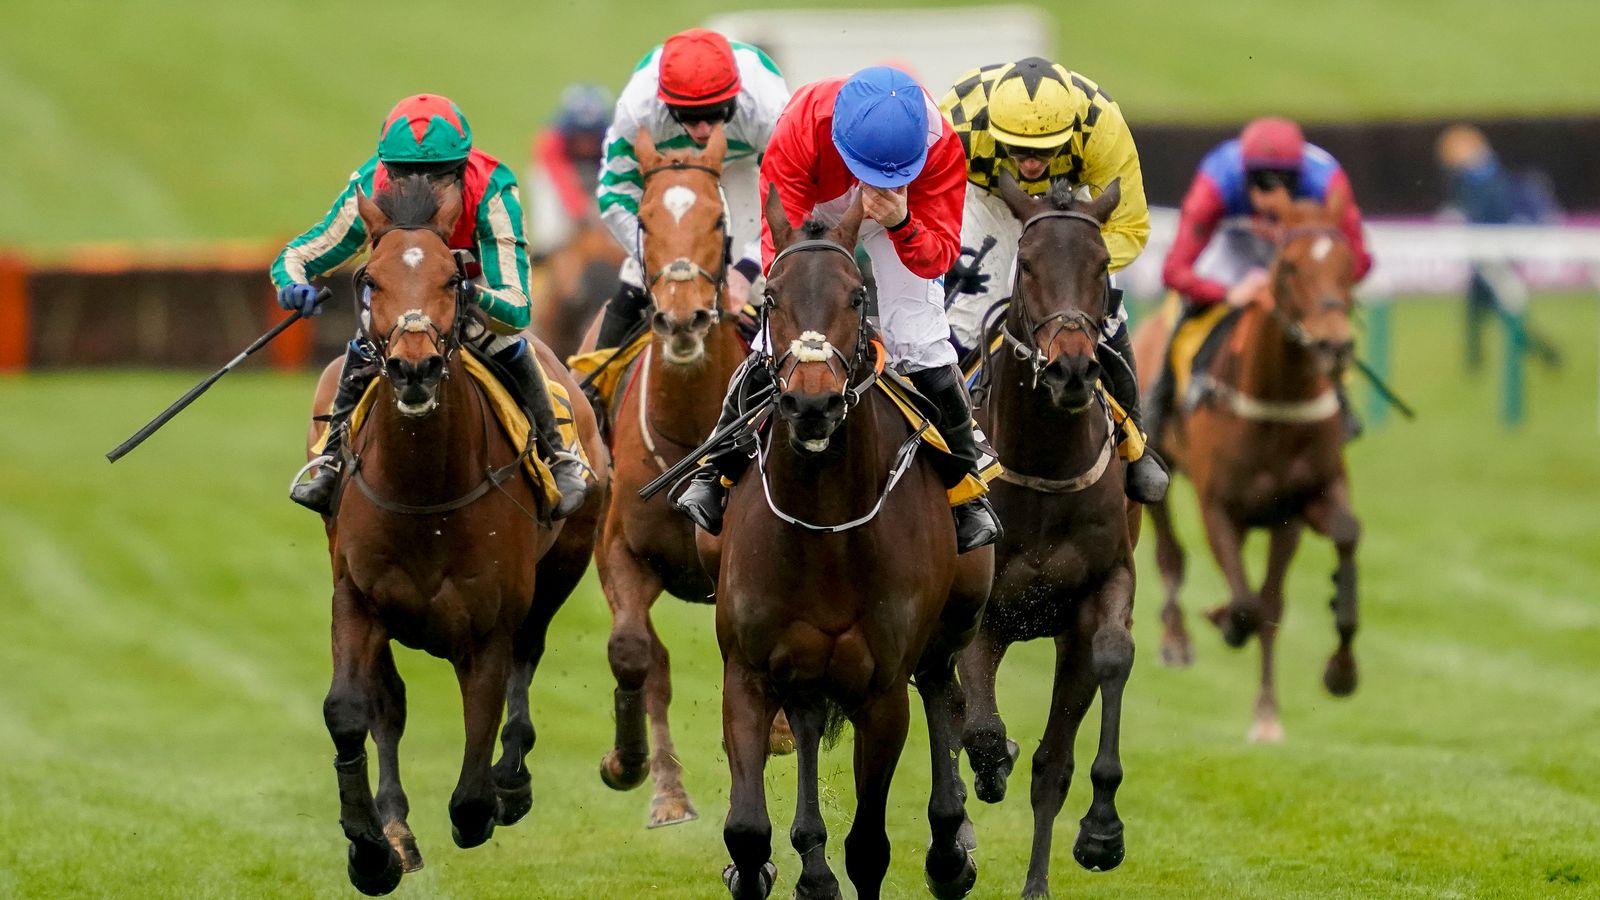 Blackmore wins again in Triumph